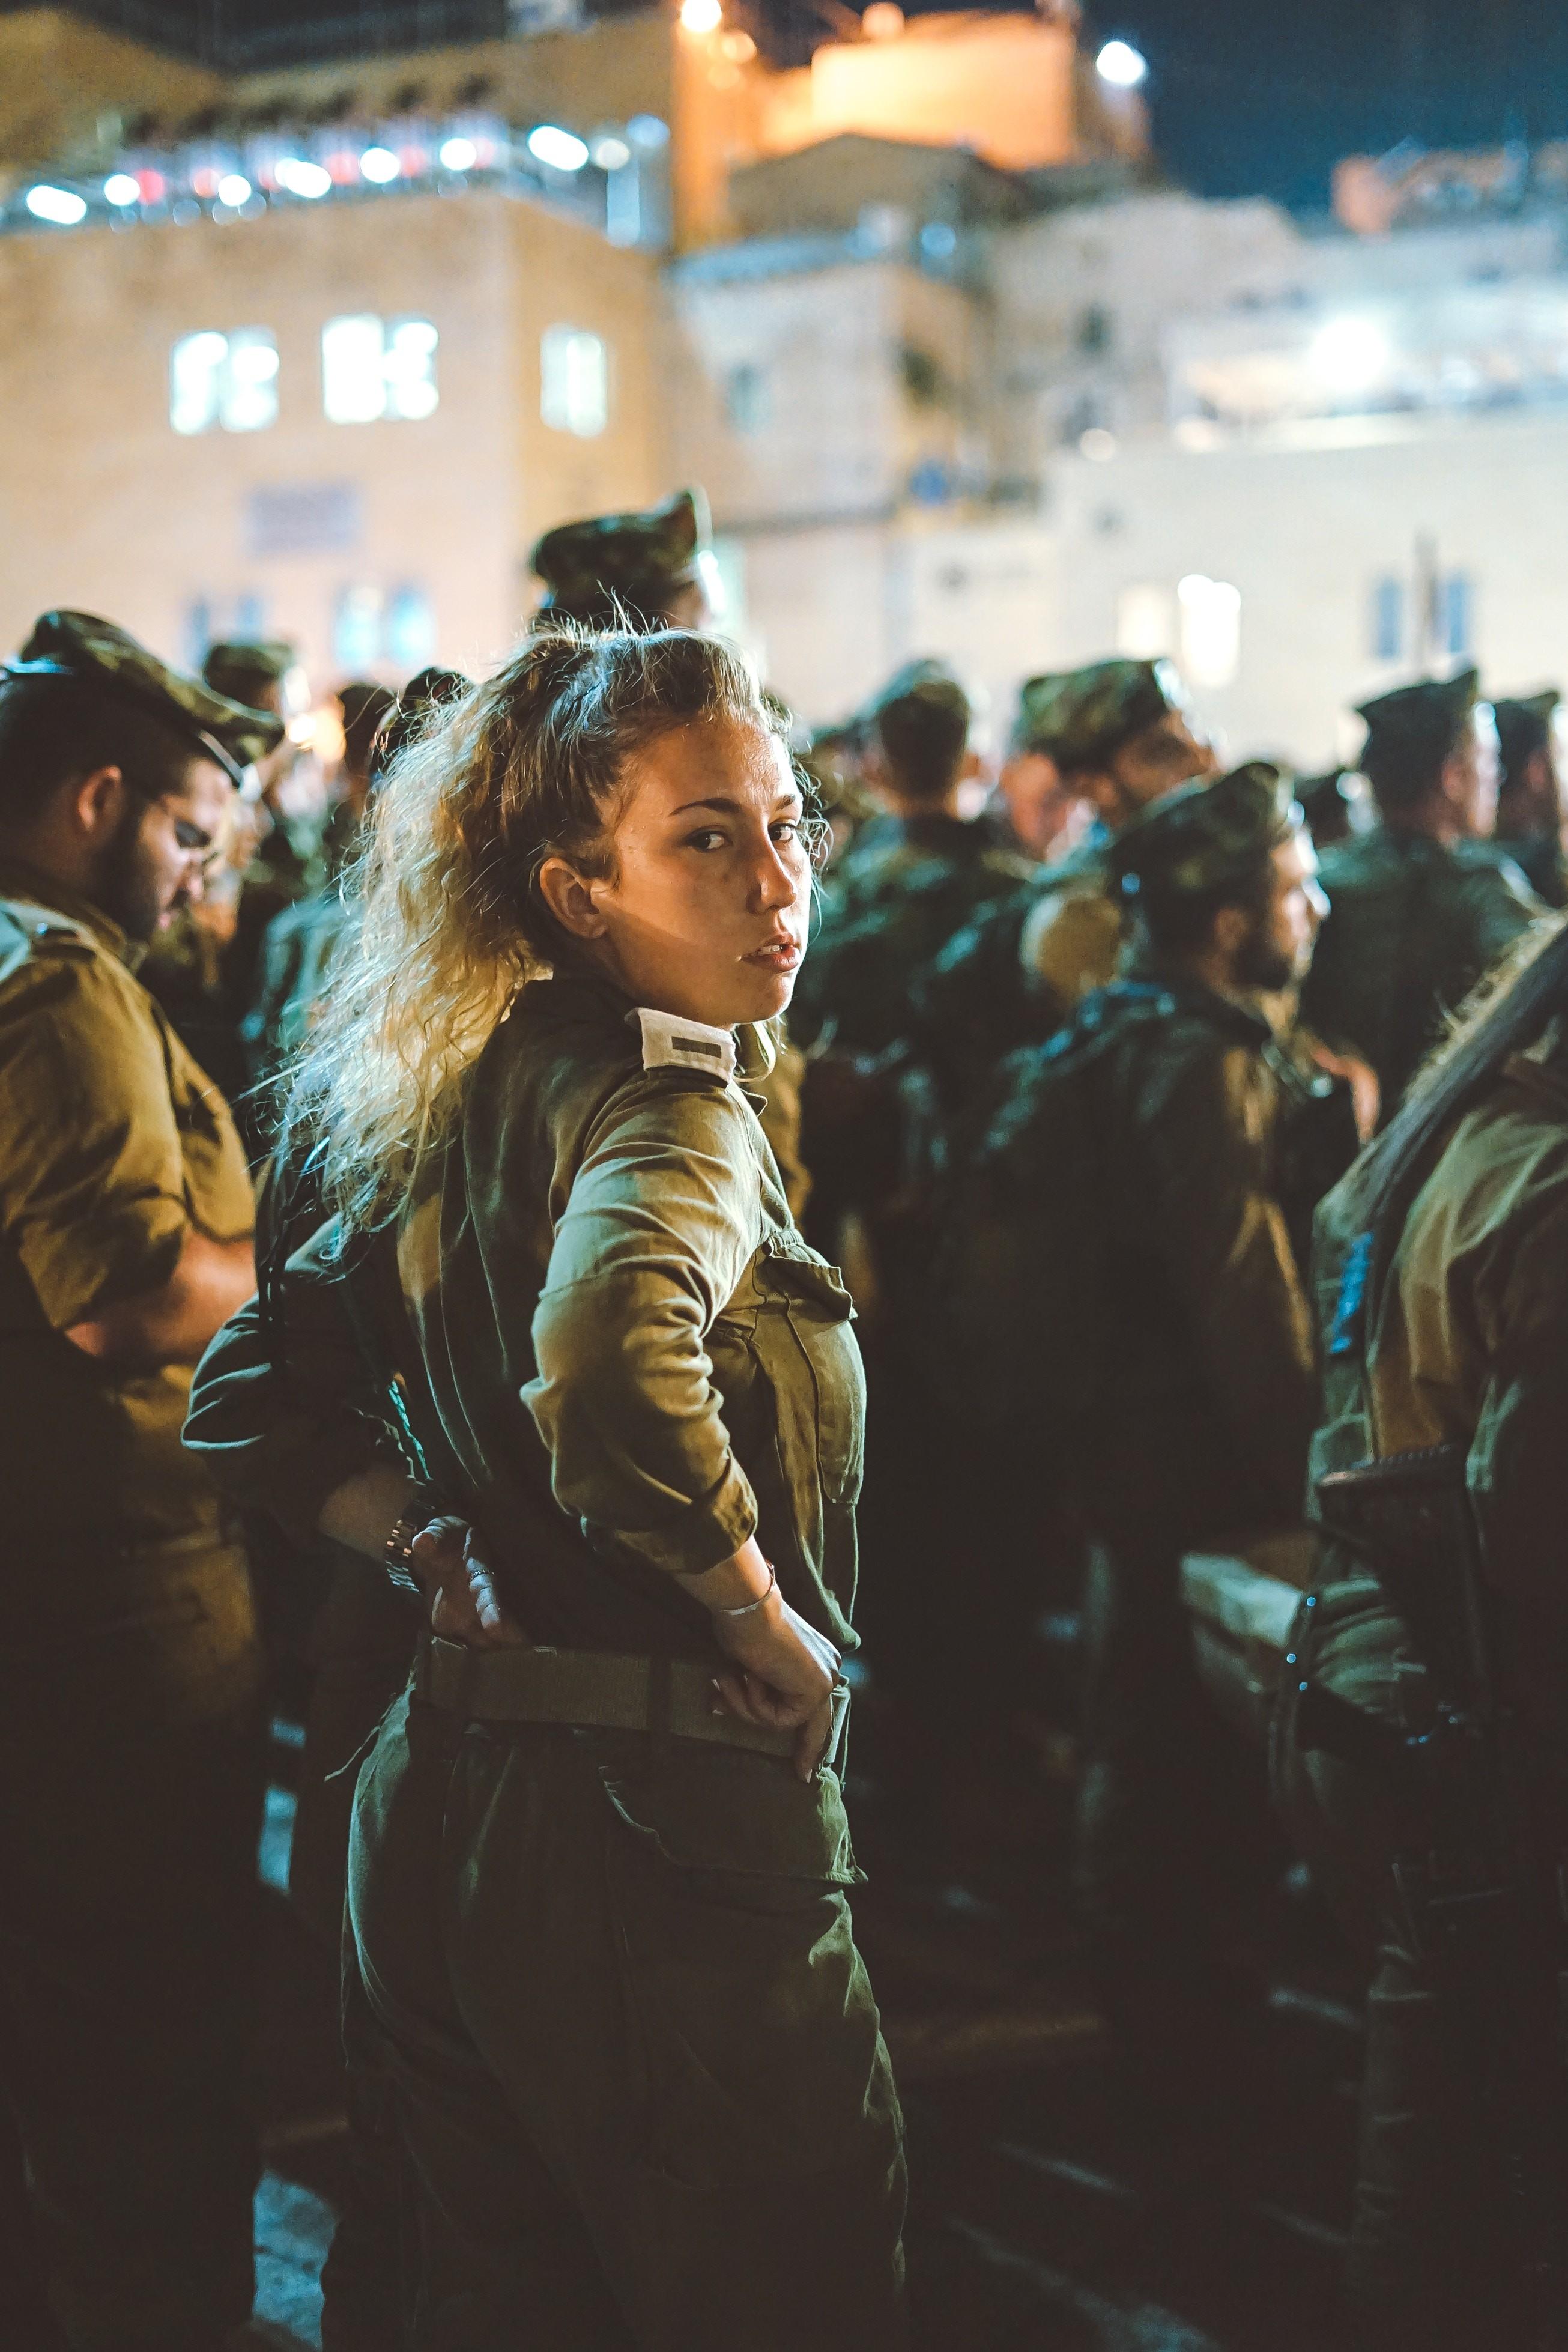 Forças Armadas britânicas passa a aceitar mulheres nas unidades de combate (Foto: Unsplash)